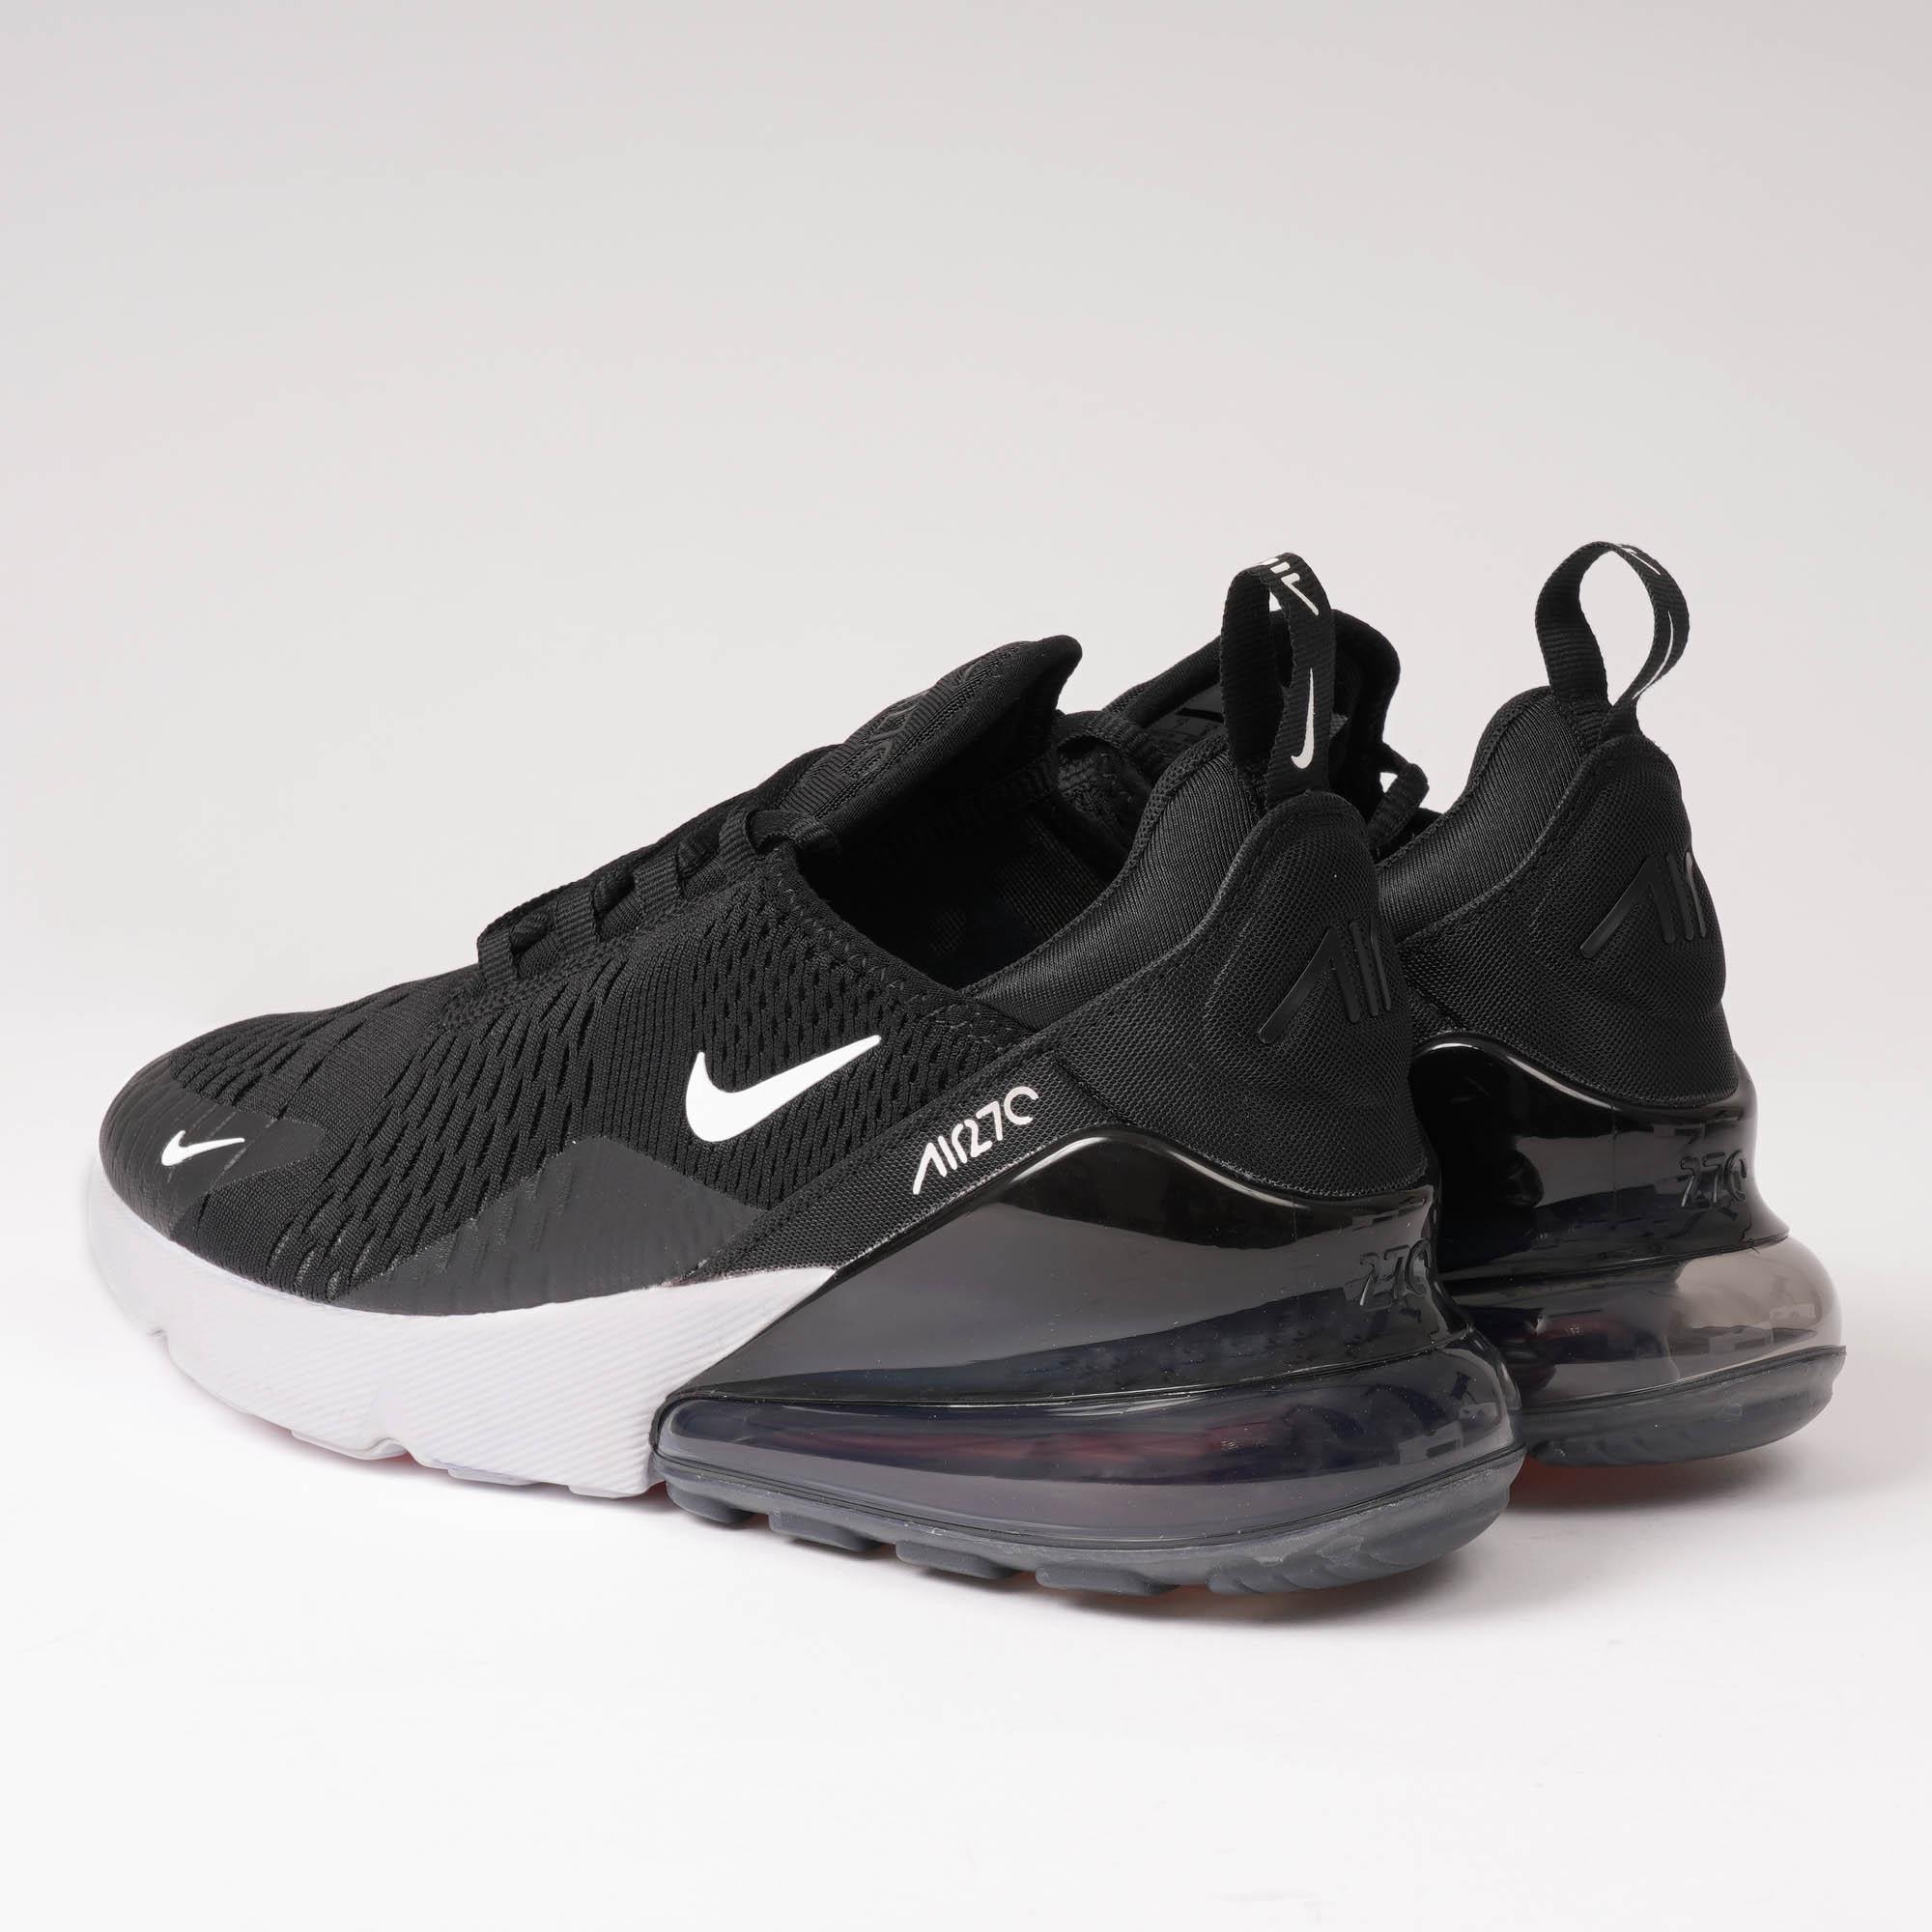 bd8ce8504e35d1 Nike - Air Max 270 - Black